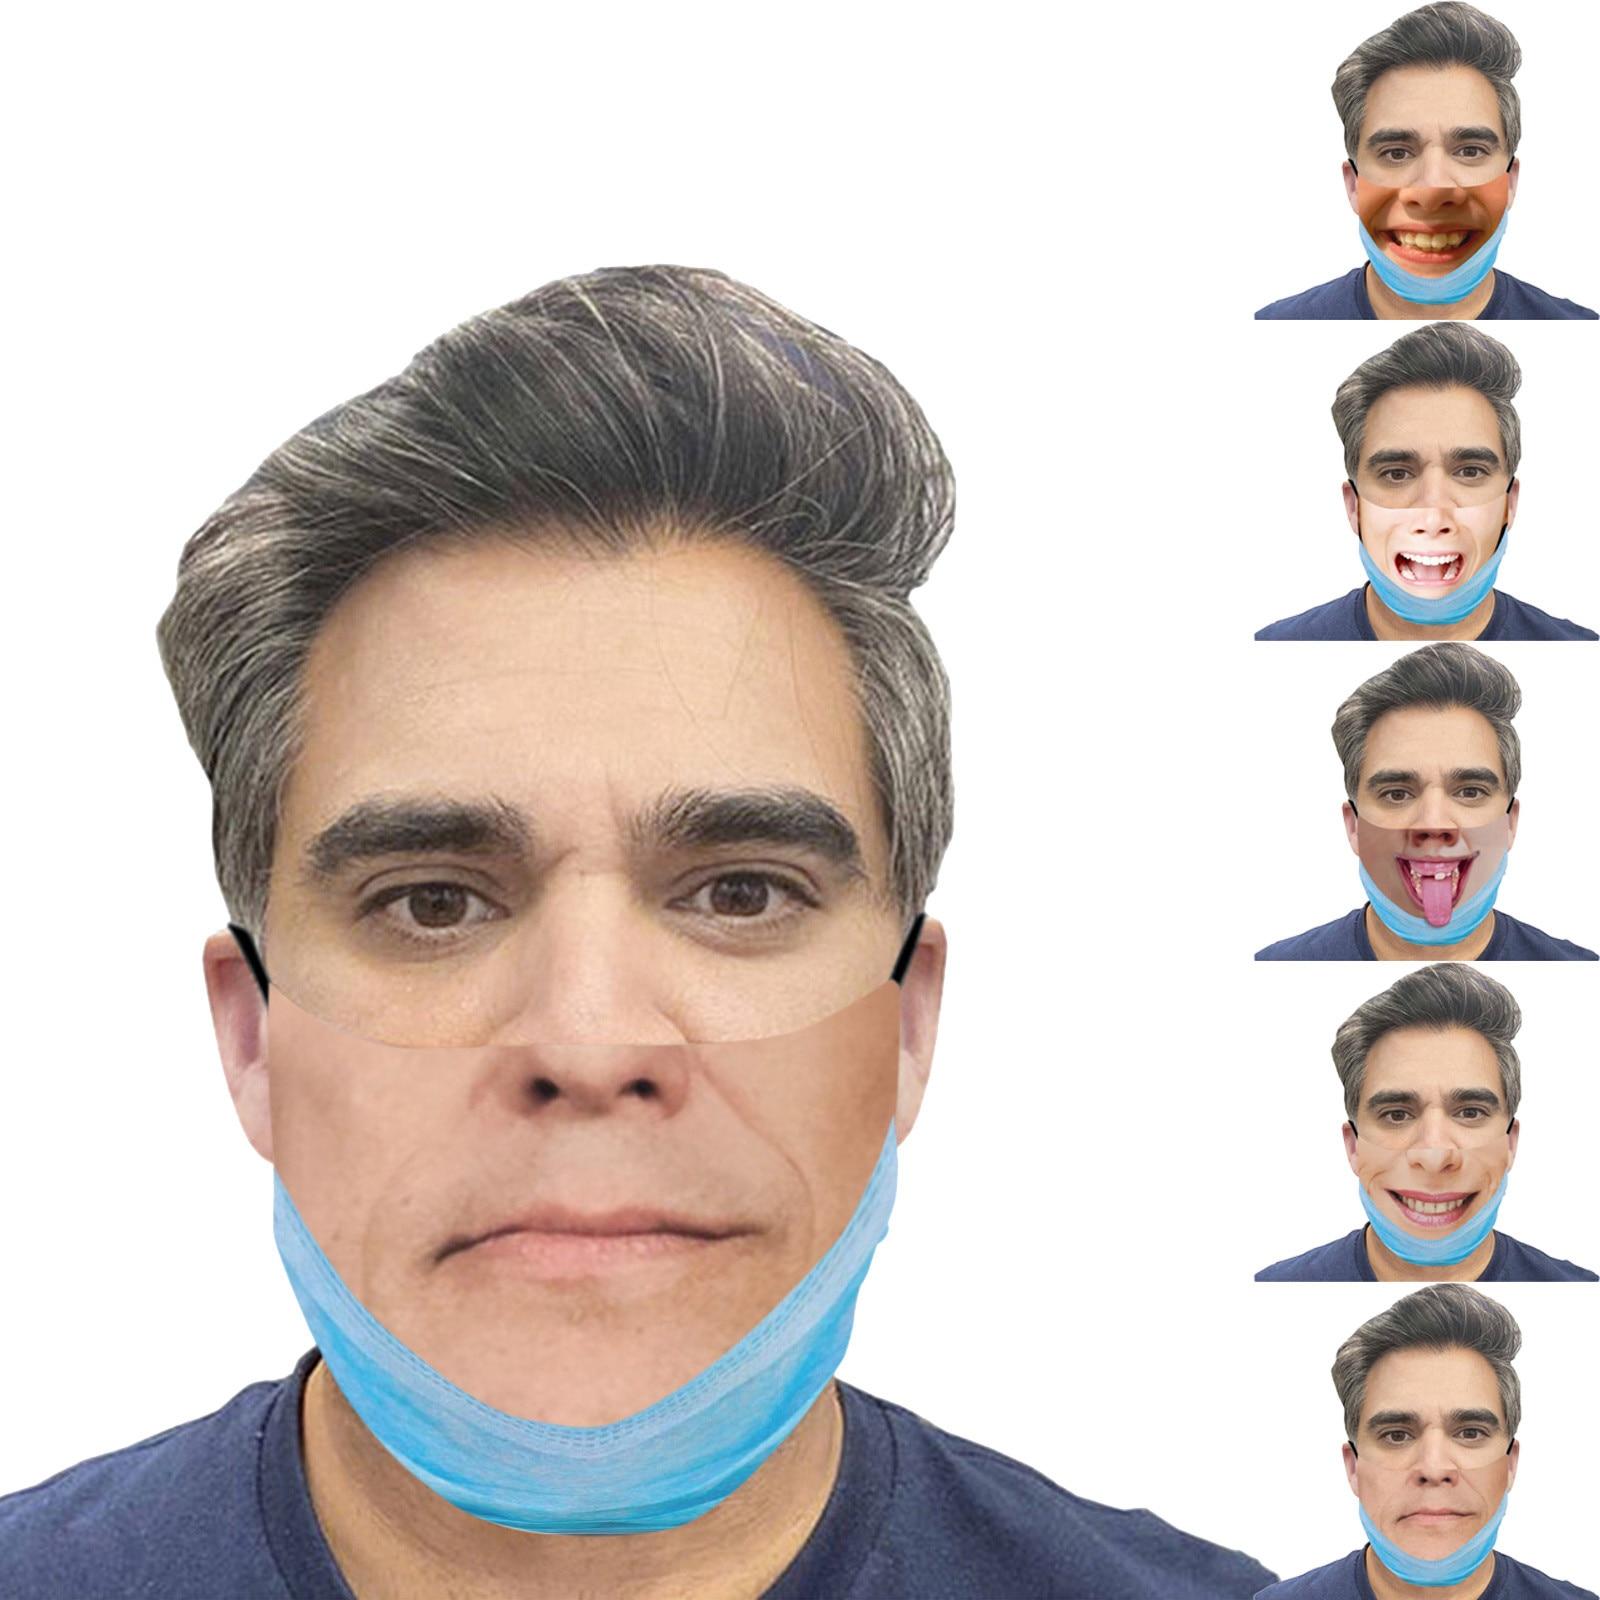 Смешная-хлопковая-маска-с-принтом-унисекс-дышащая-мягкая-маска-маска-для-лица-многоразовые-маски-маска-для-Хэллоуина-Косплея